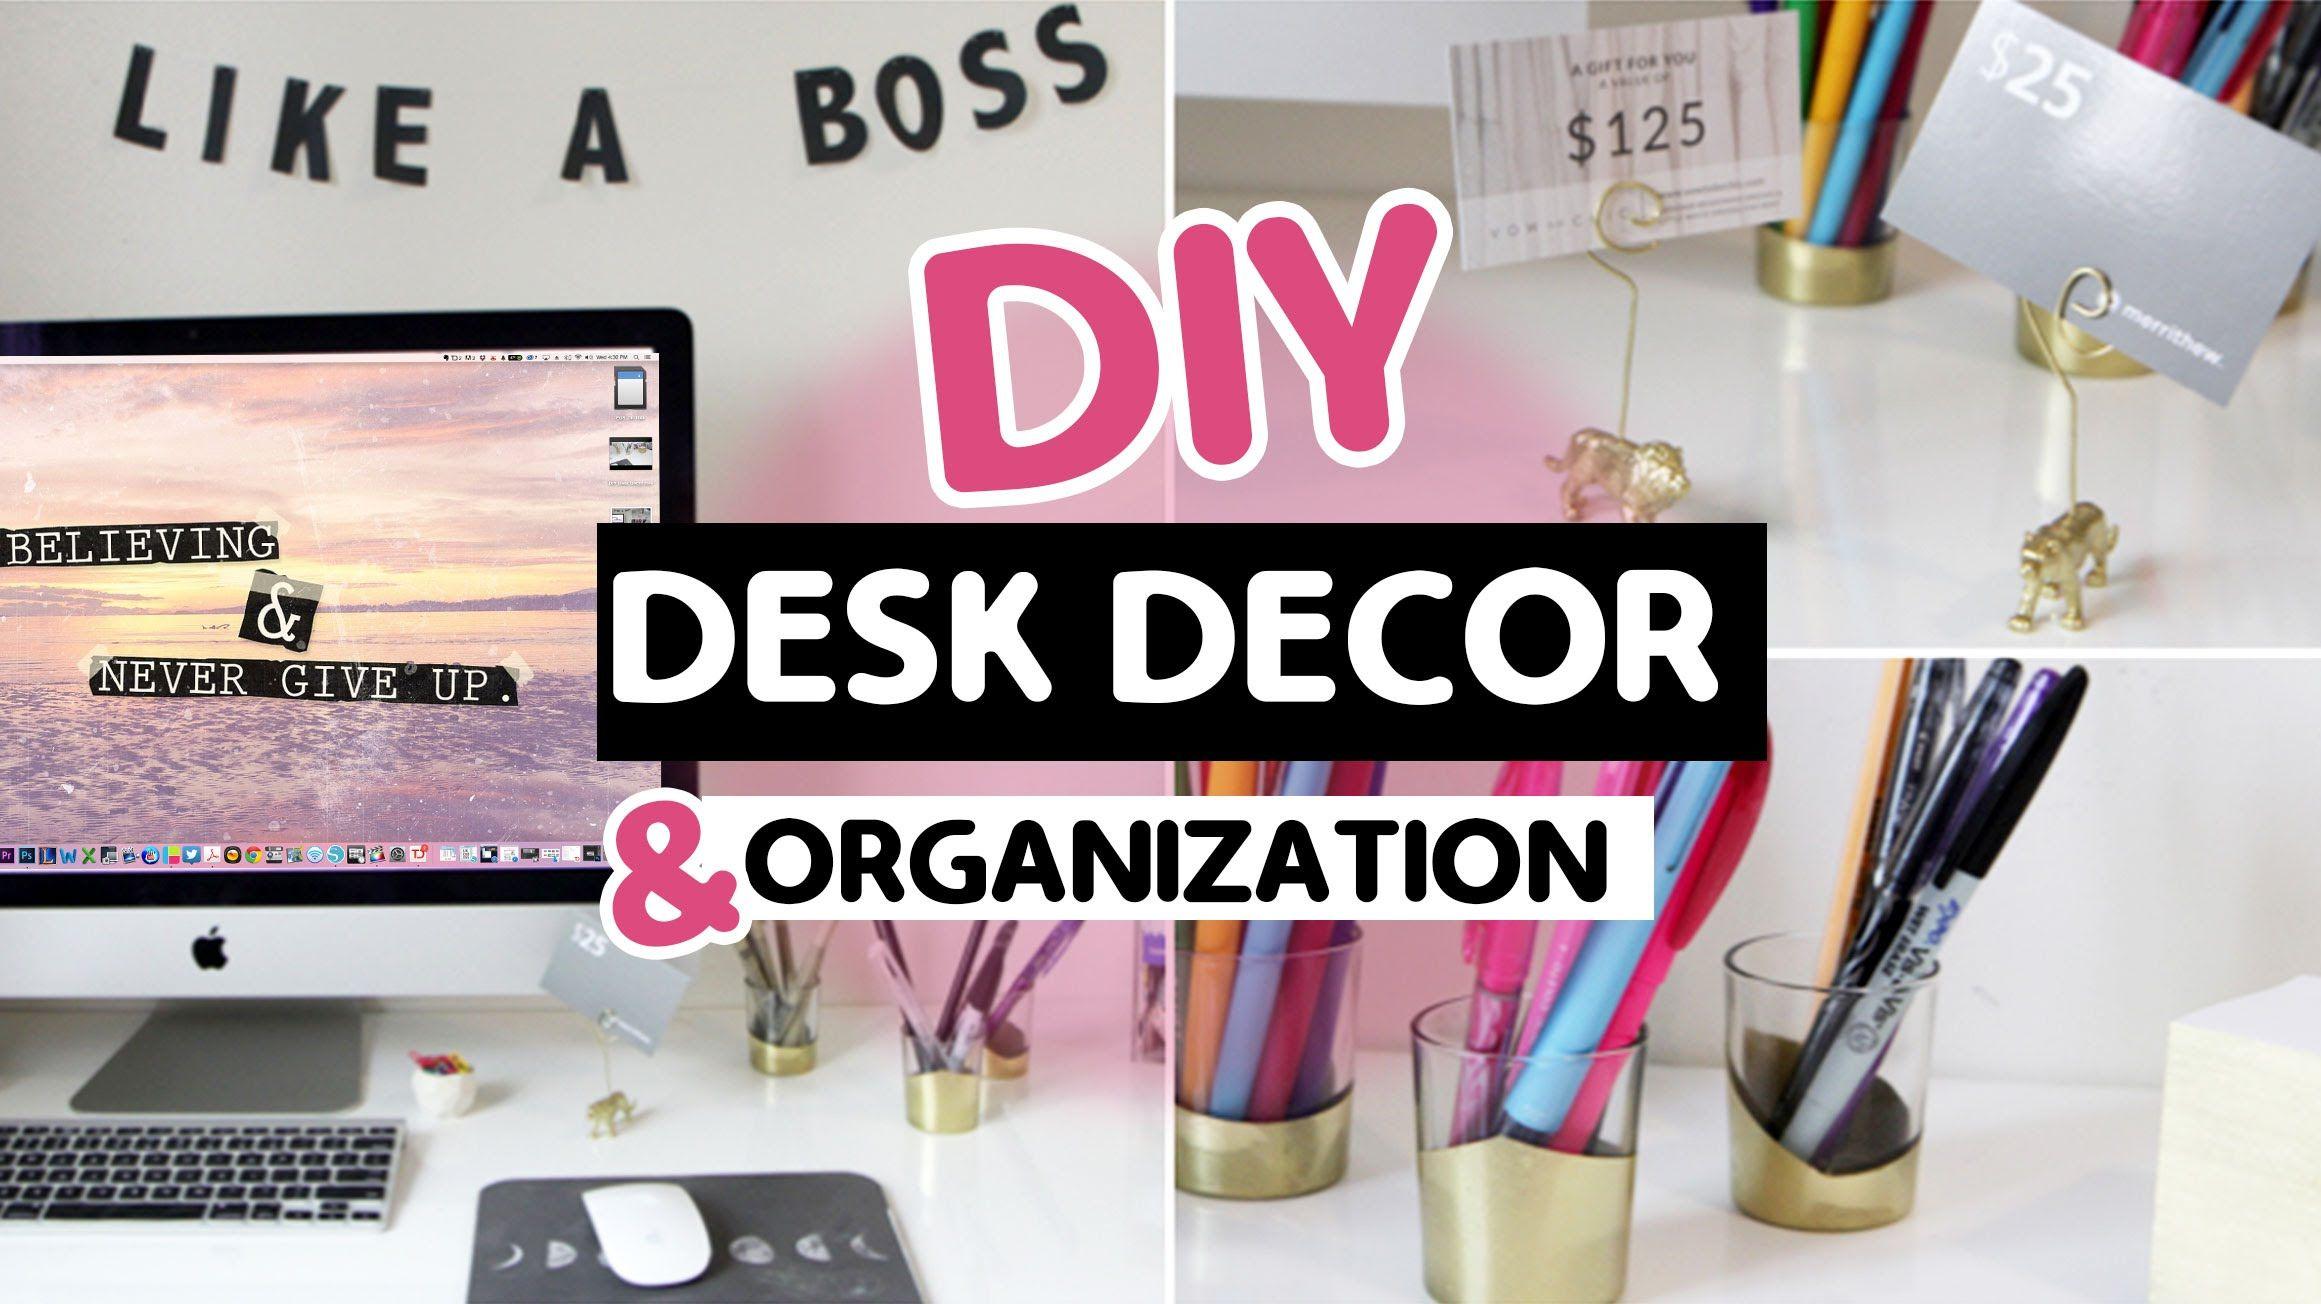 Uncategorized Diy Desk Organizer Ideas diy desk decor by ashley ann laz from helloashleyann com organization